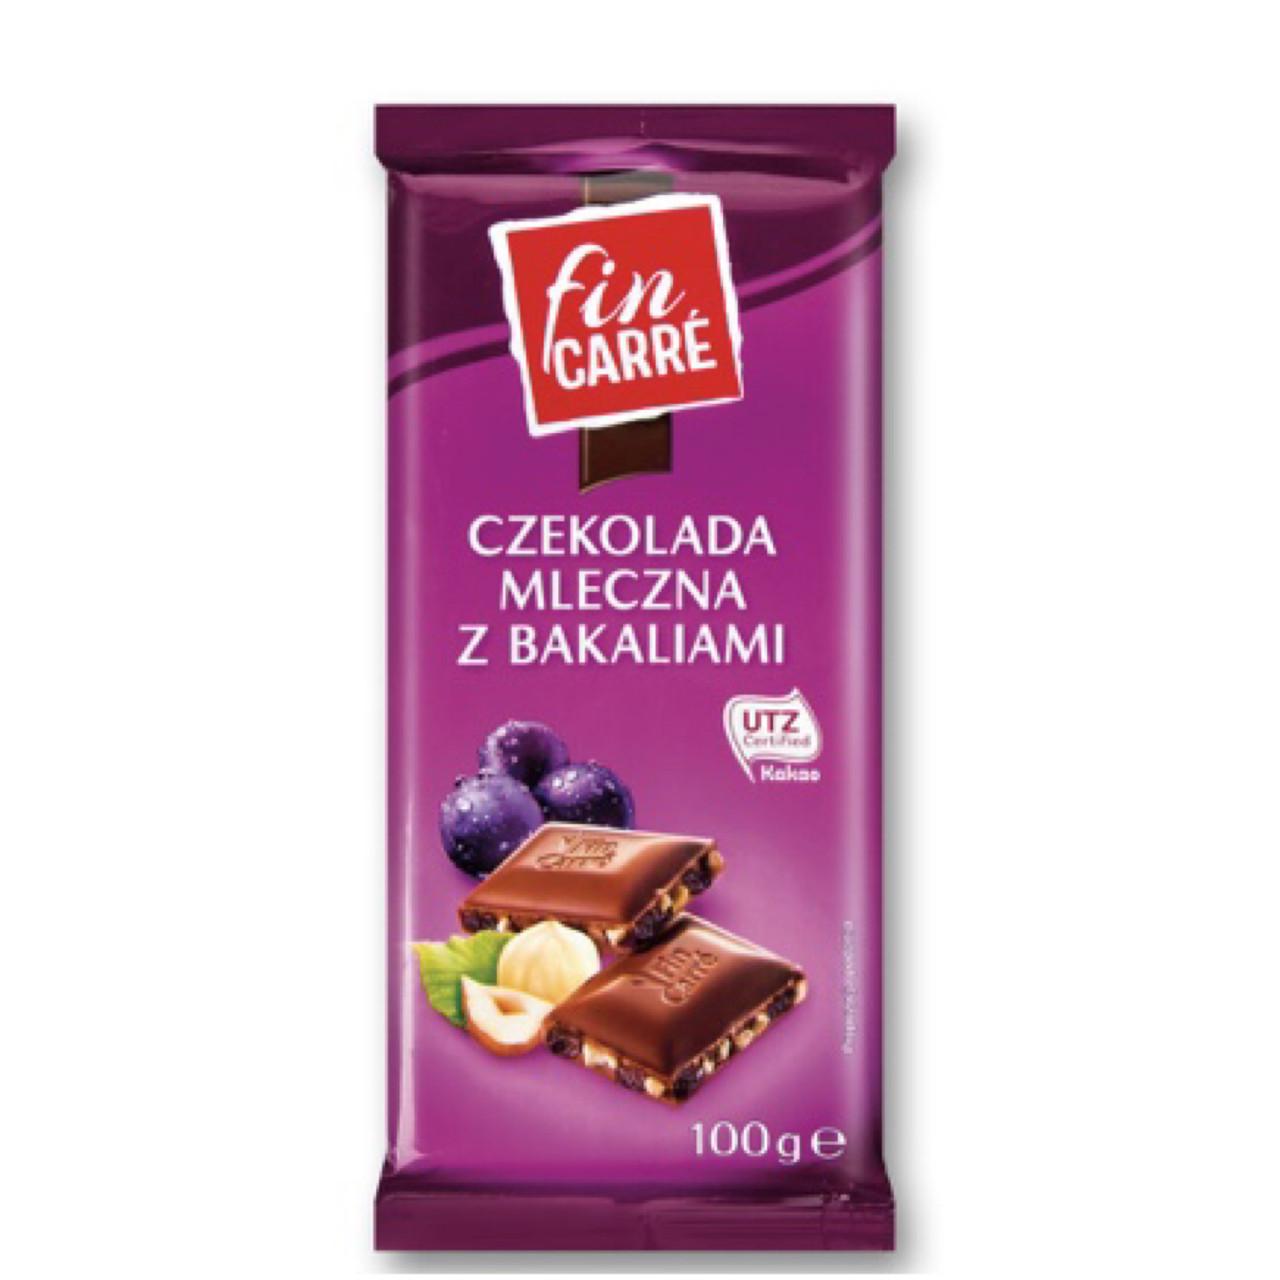 Шоколад Fin Carre молочный дроблённый орех изюм 100г